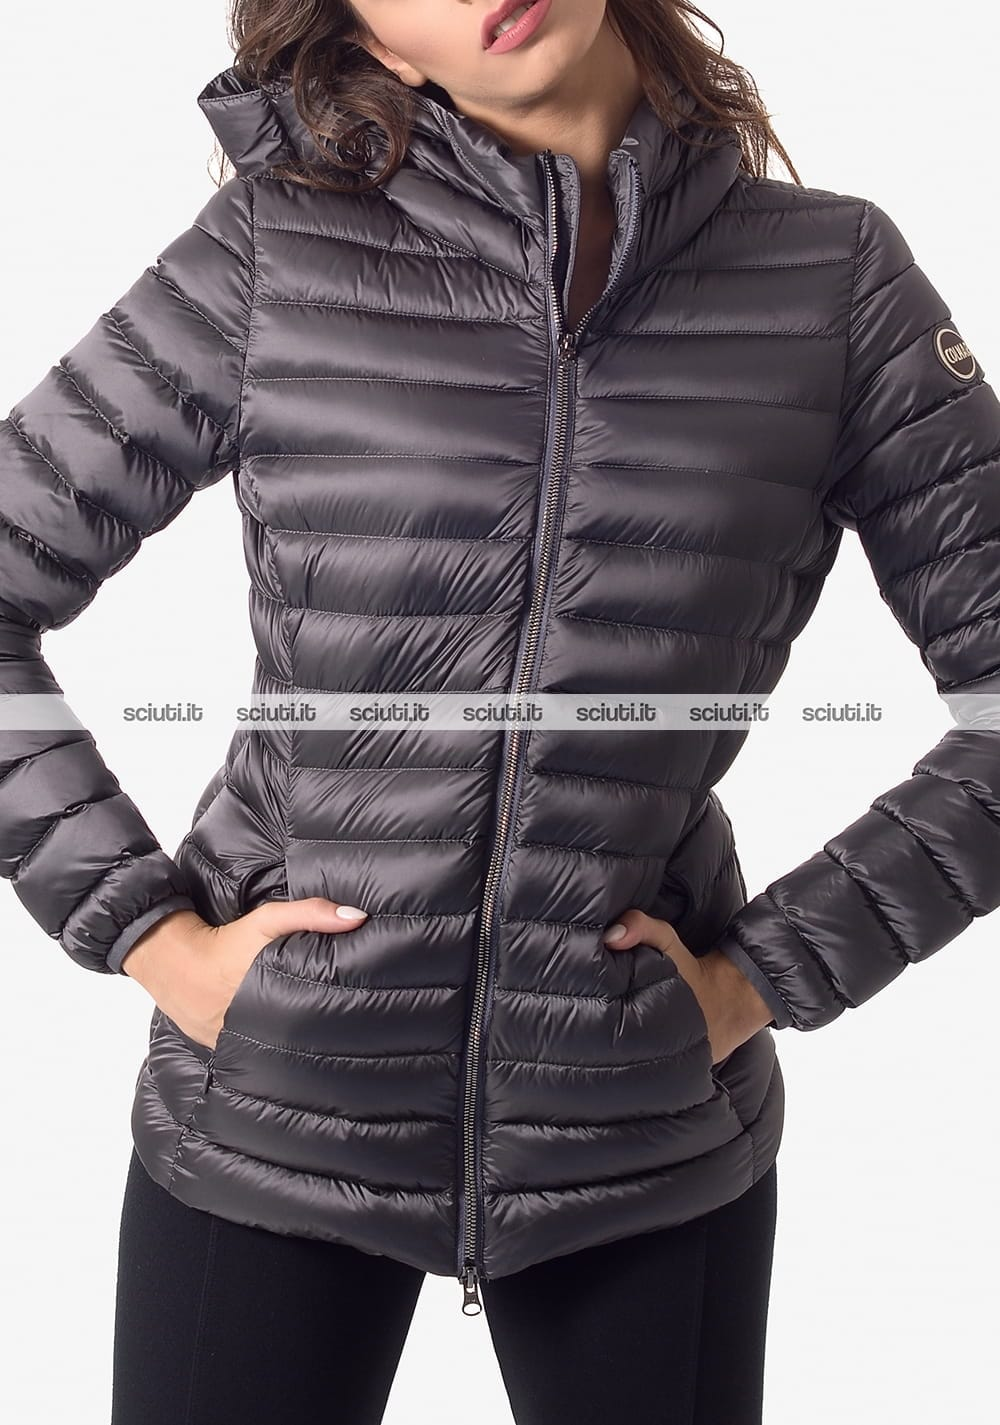 Piumino pesante Colmar donna con cappuccio grigio | Sciuti.it